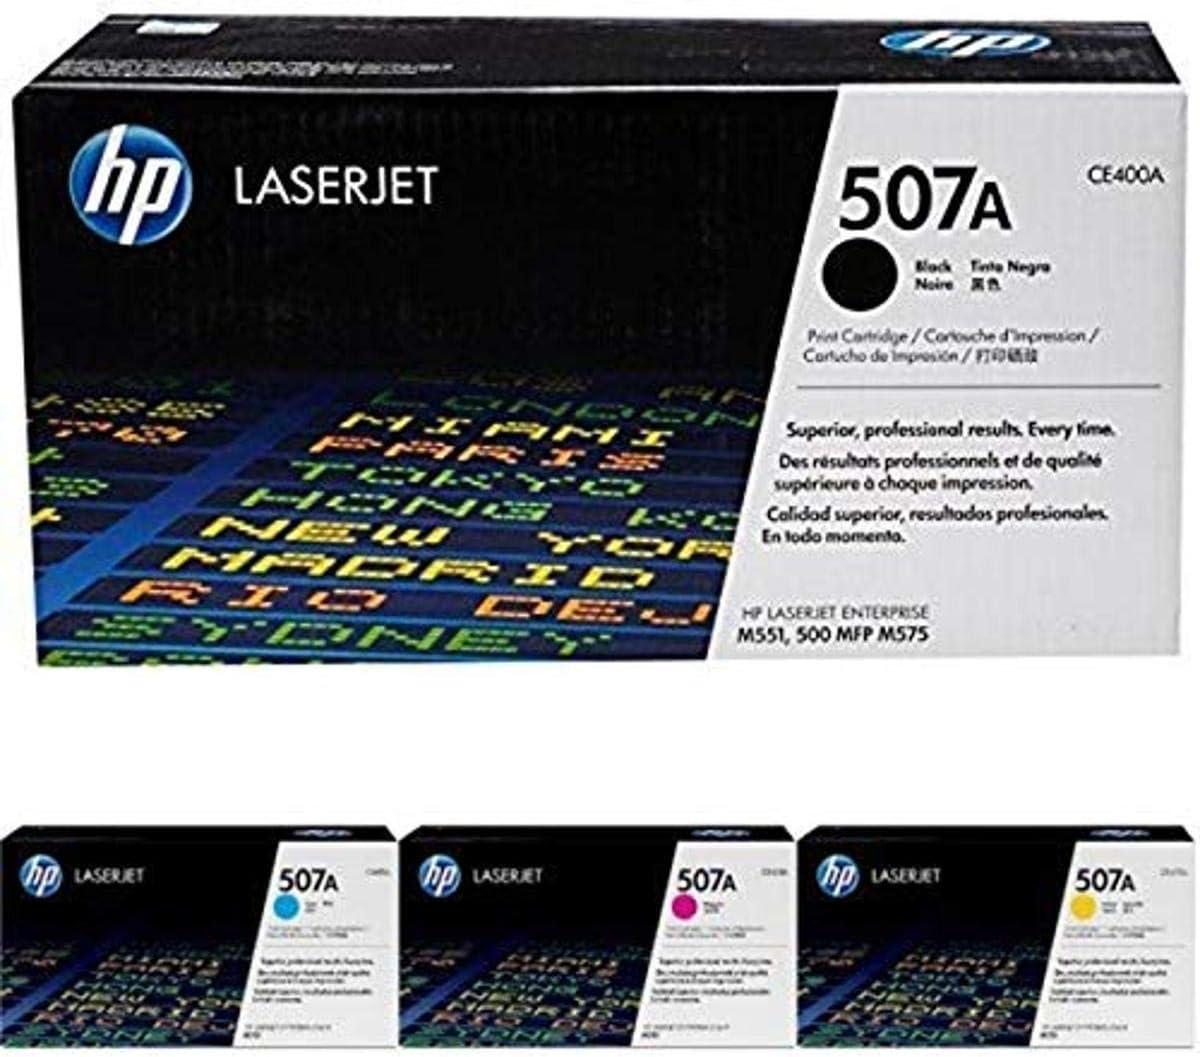 HP 507A Magenta LaserJet Toner